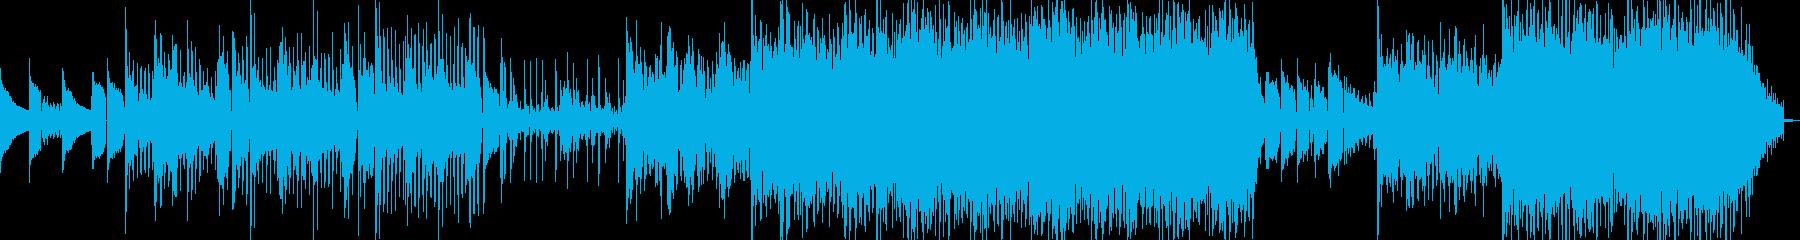 ギターの音を強めたドラムンベースの再生済みの波形